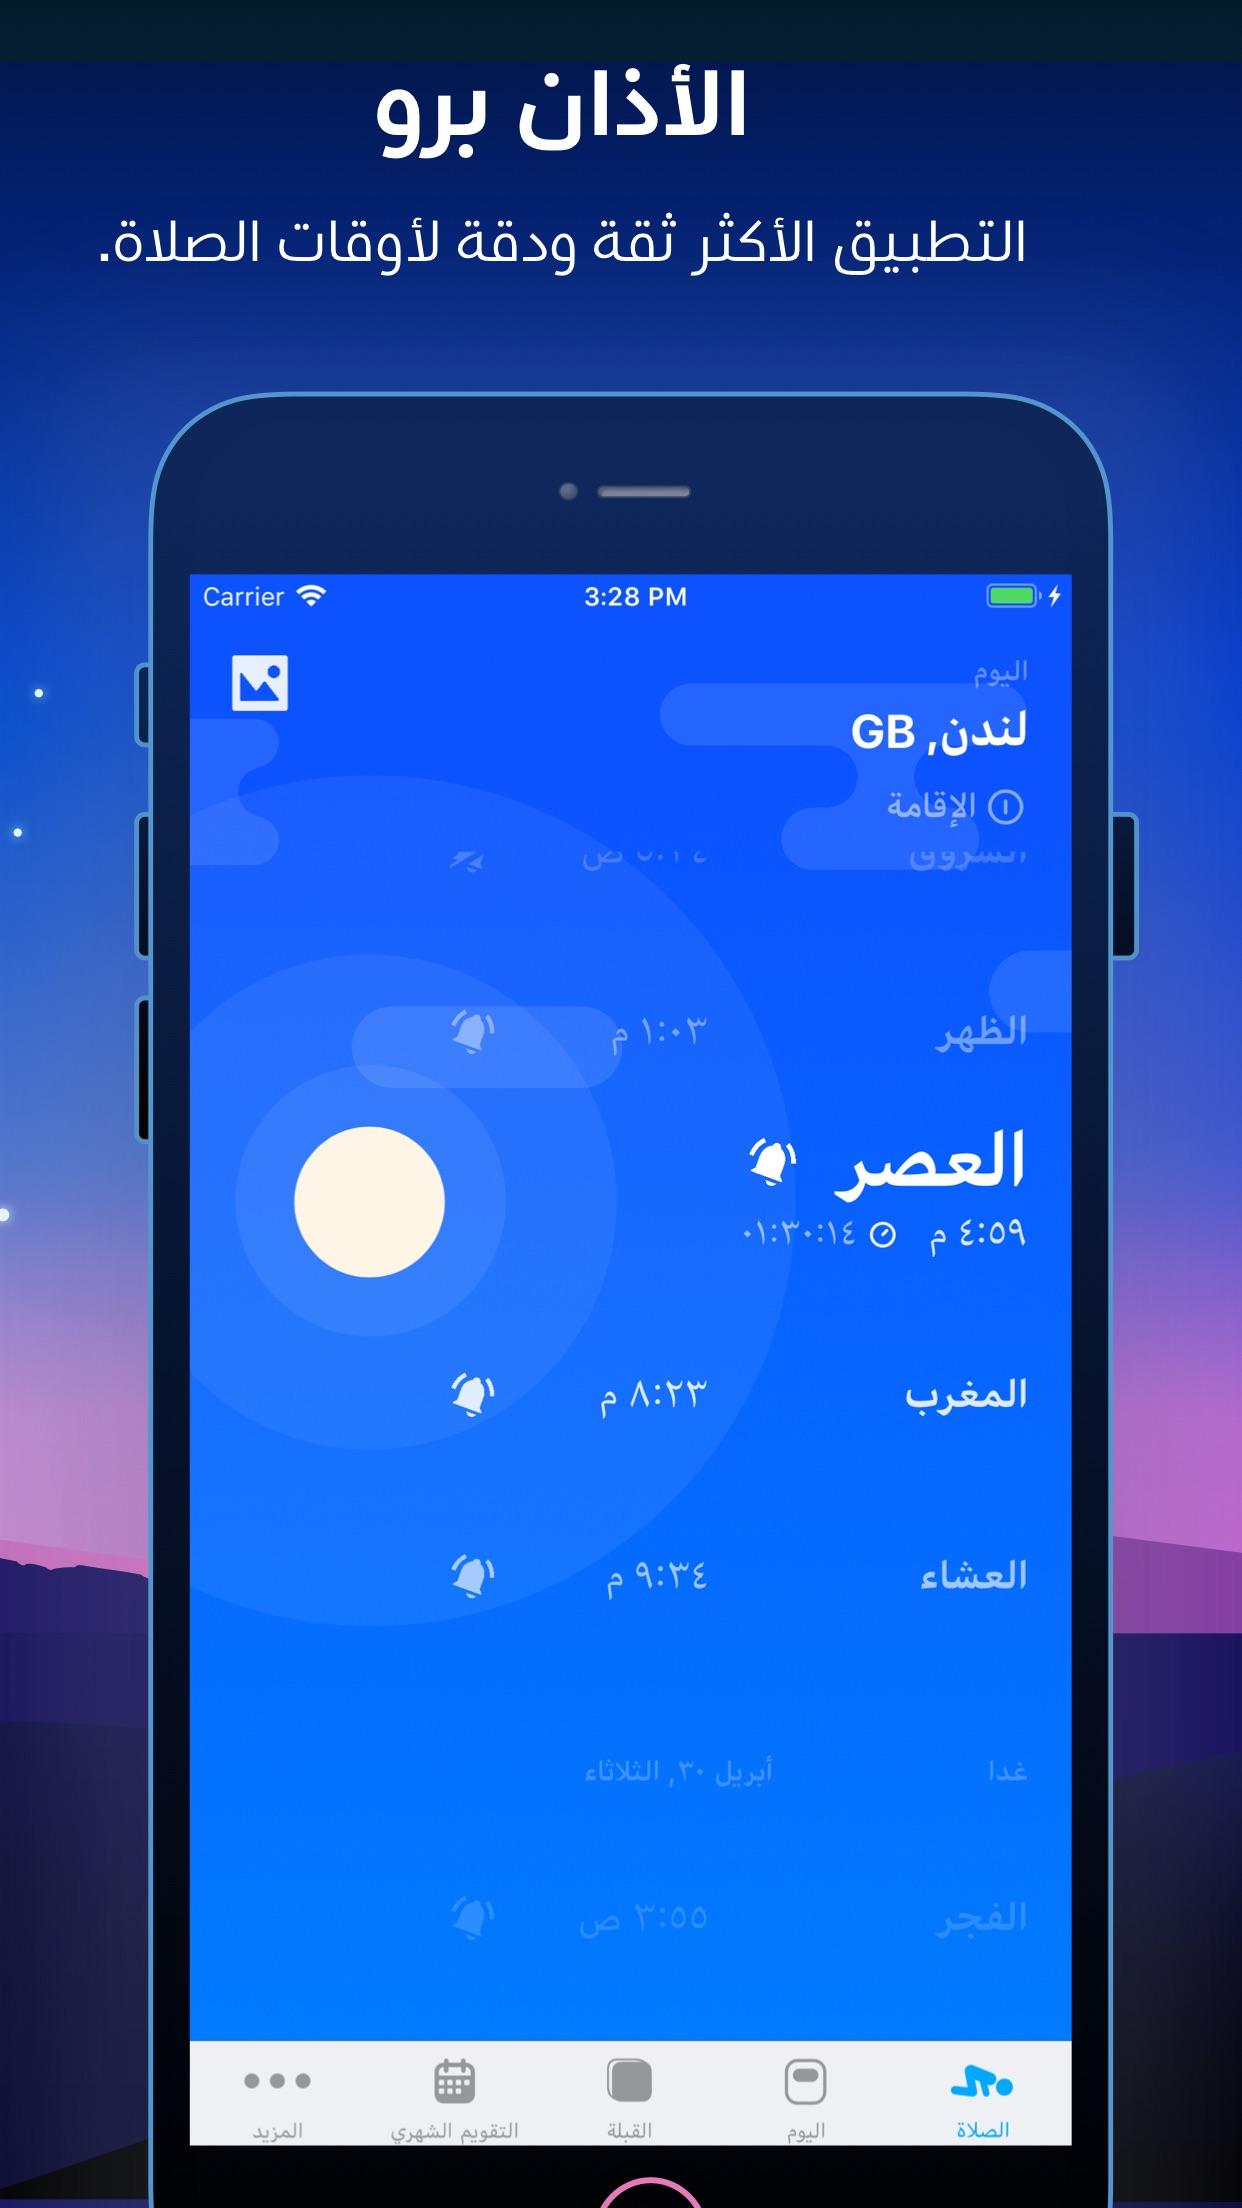 الأذان برو - أذان كامل والقبلة Screenshot